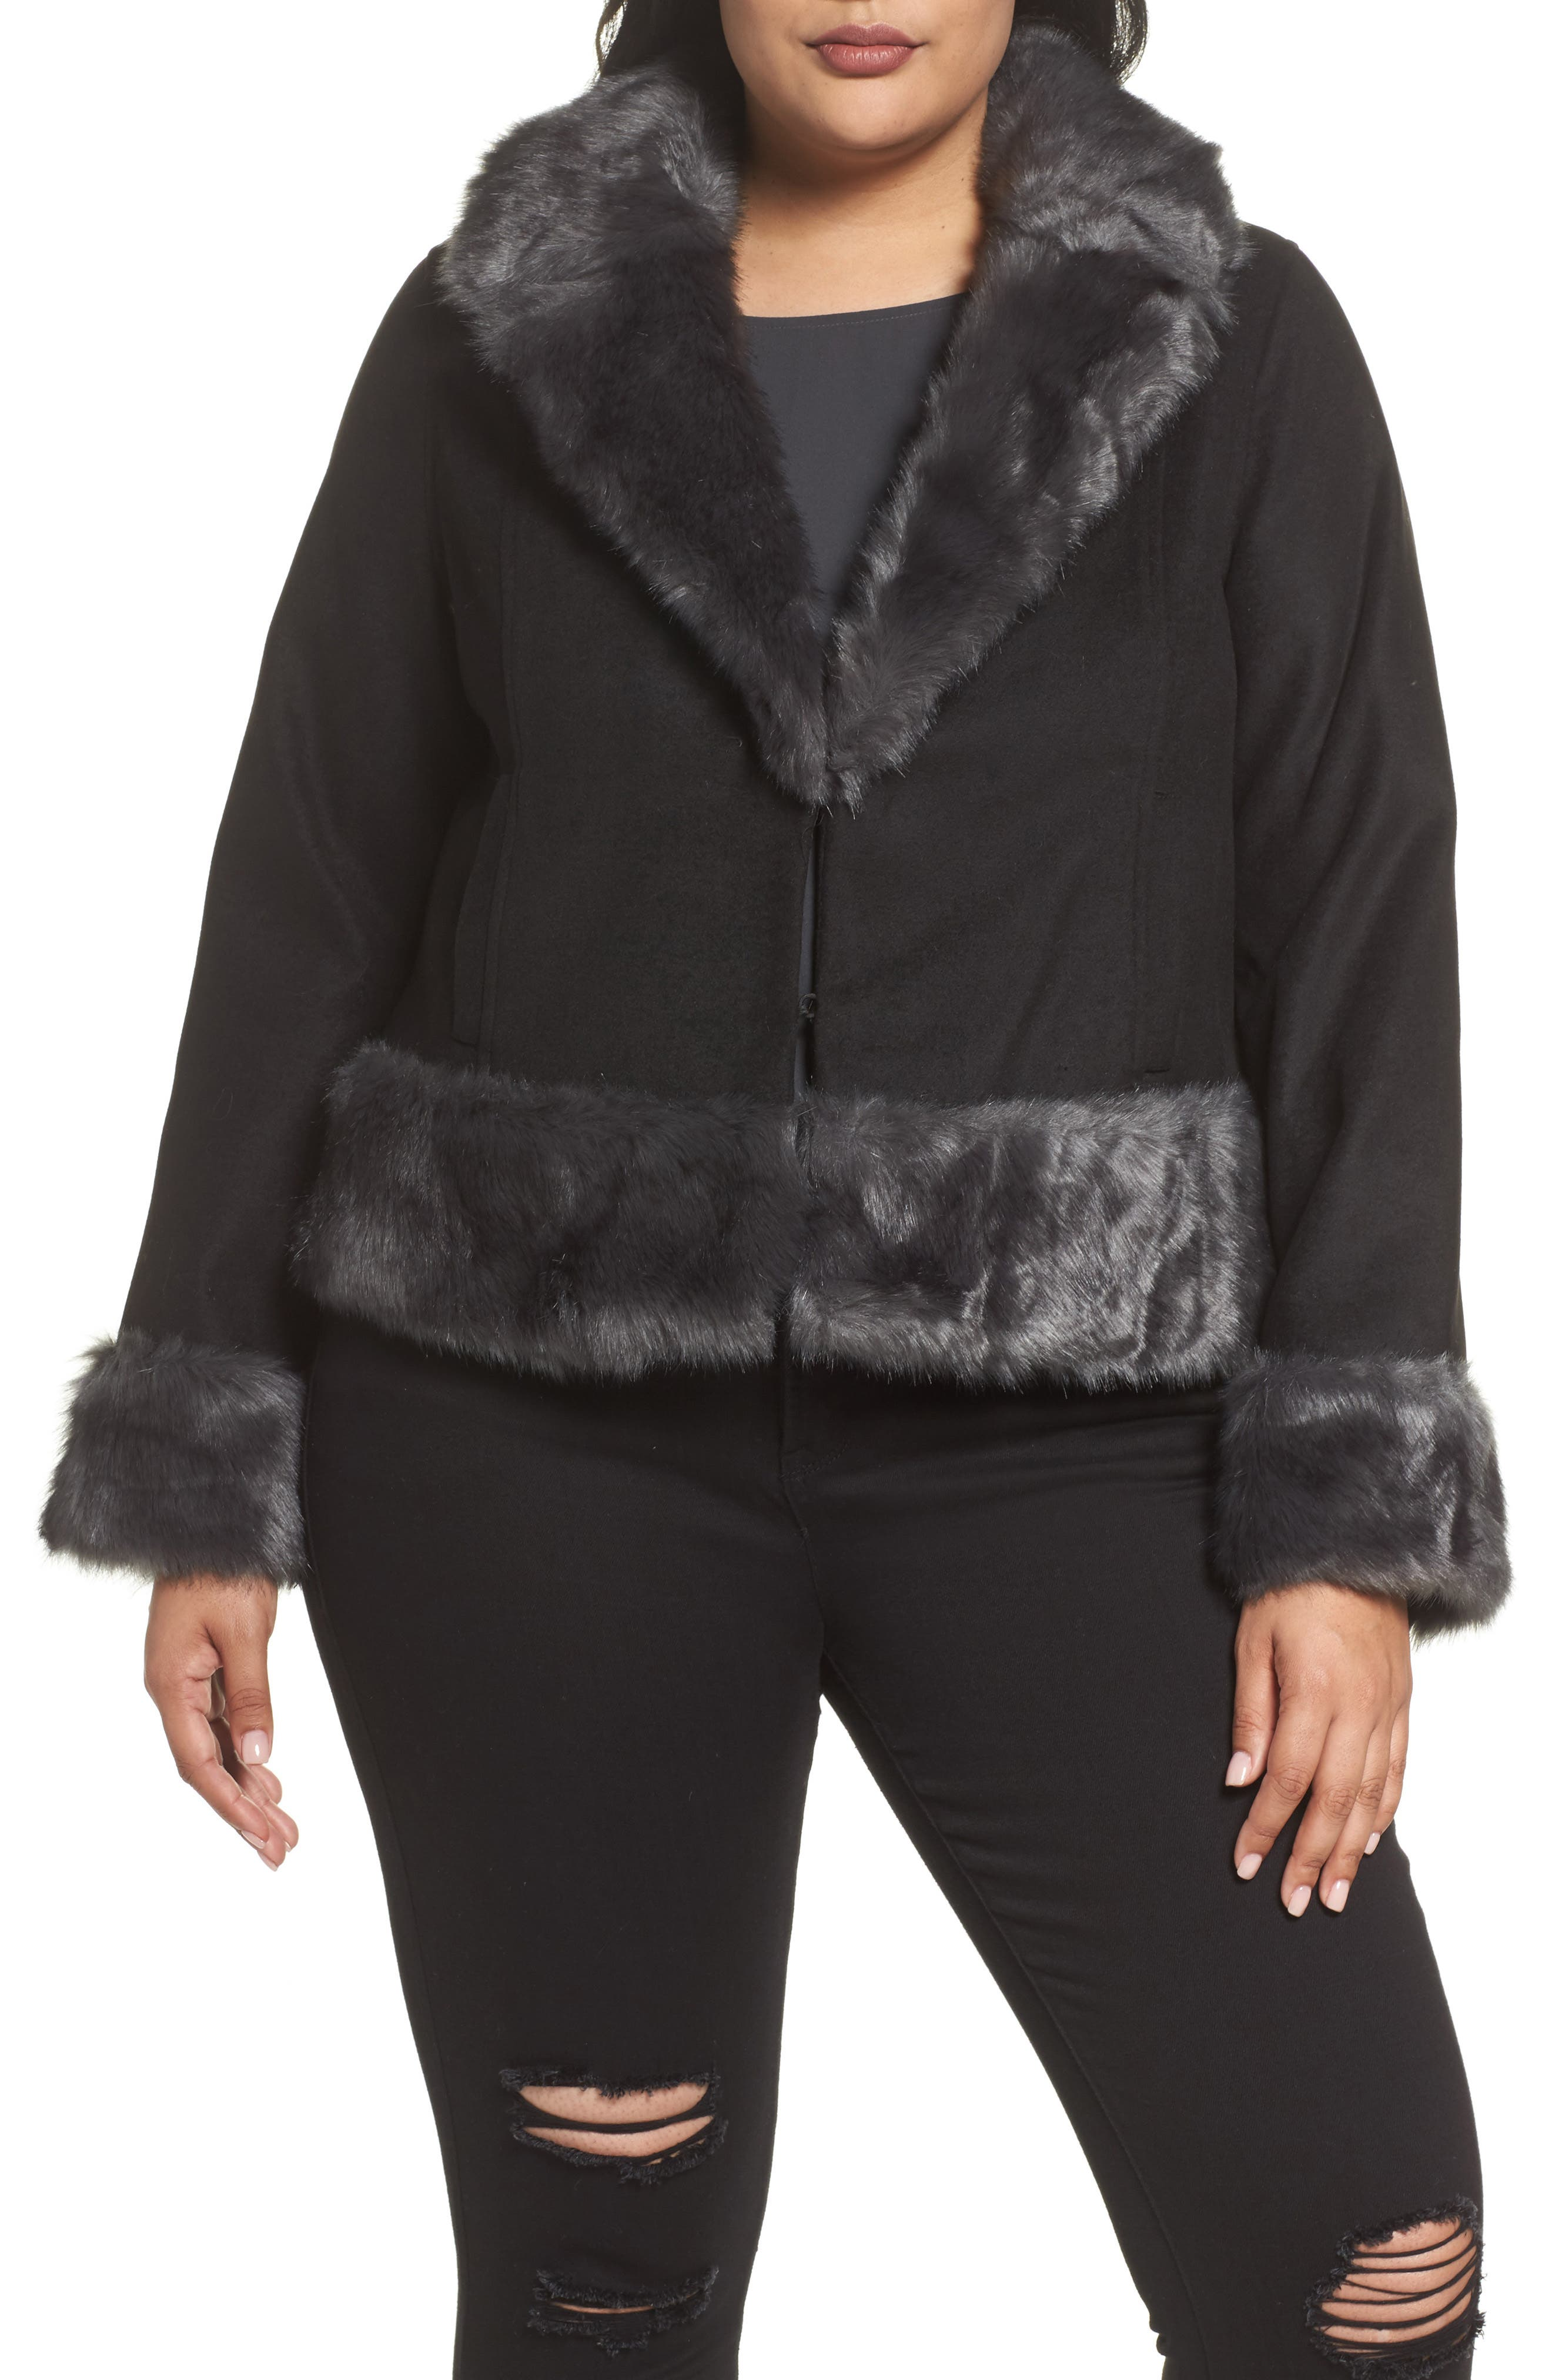 Jacket with Faux Fur Trim,                             Alternate thumbnail 4, color,                             Black